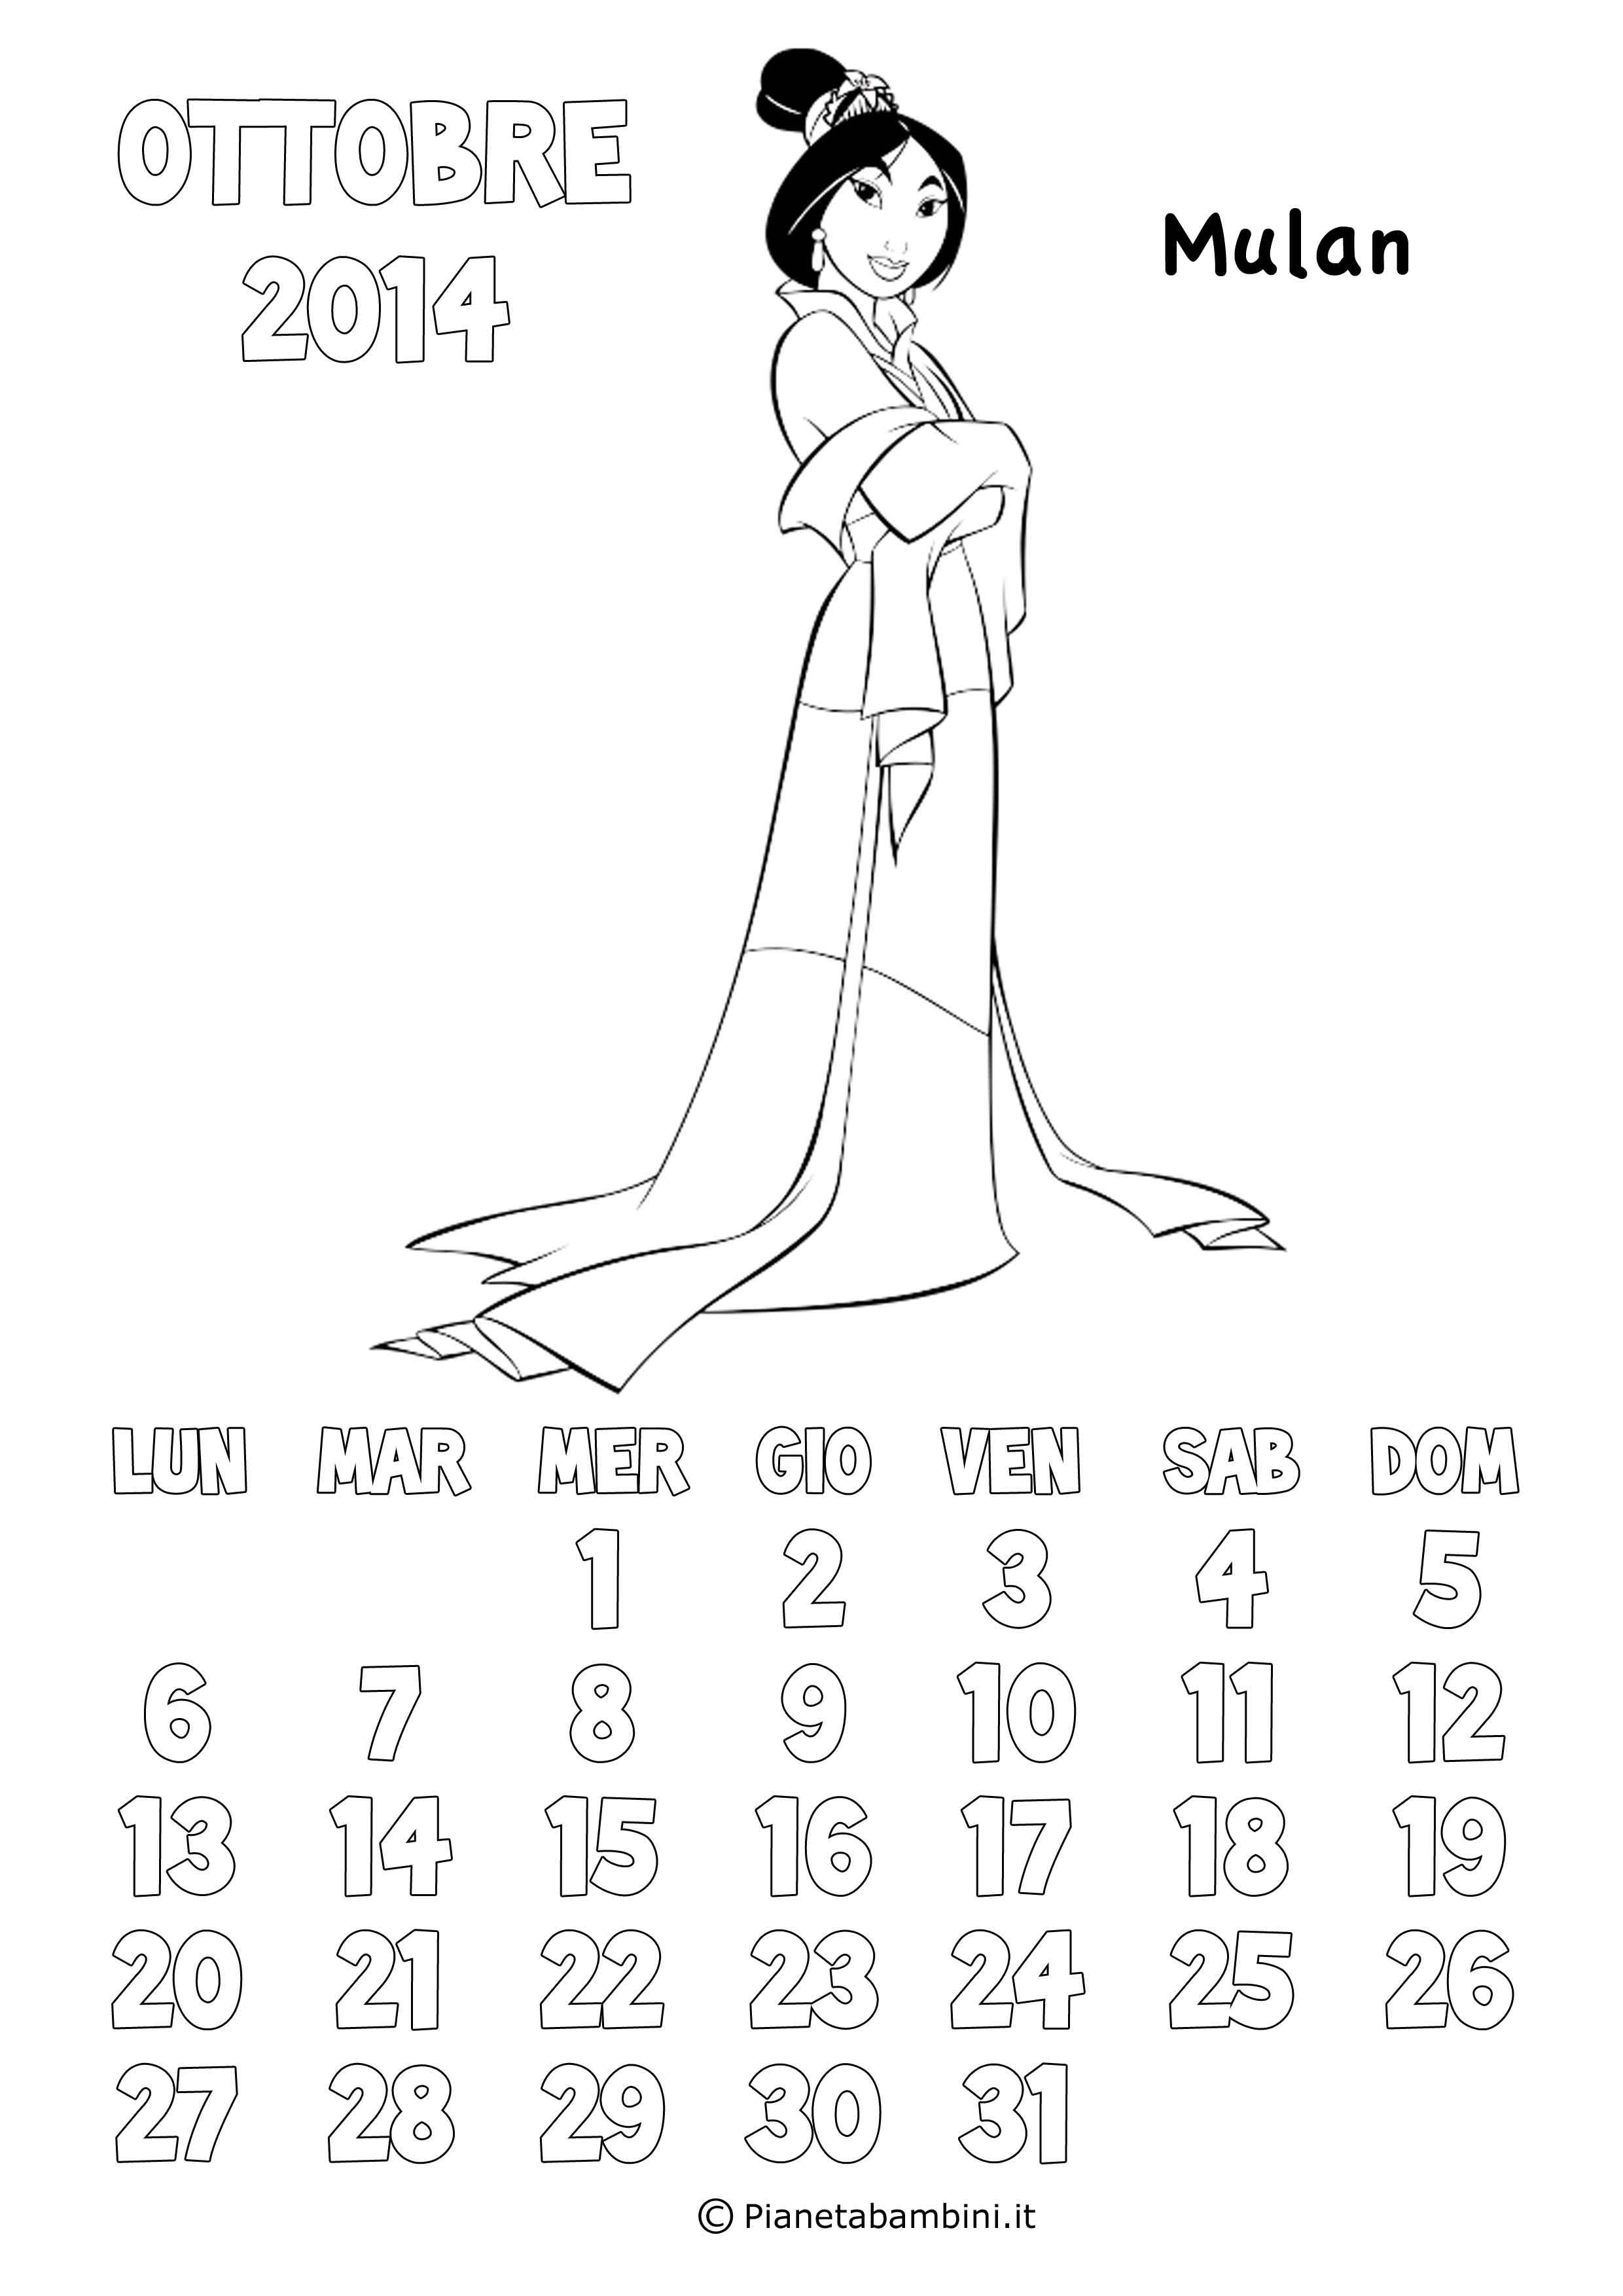 Ottobre-2014-Mulan